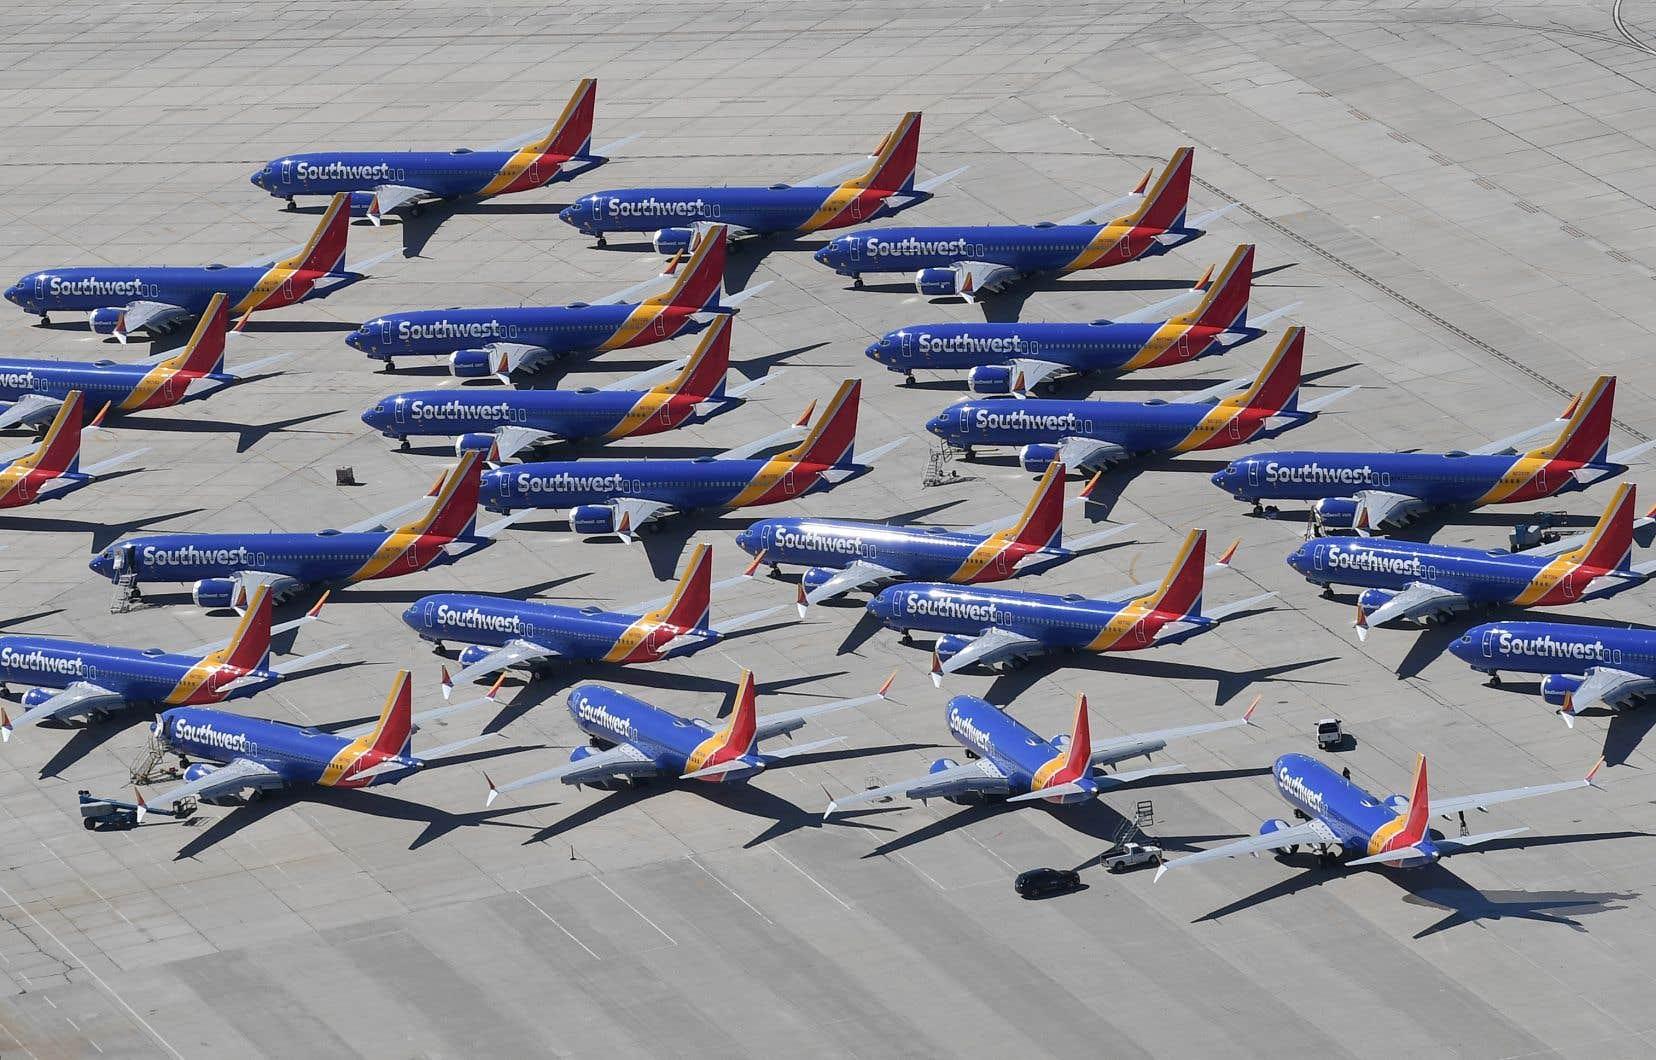 Le 737 MAX est cloué au sol depuis mi-mars après deux accidents ayant fait 346 morts.